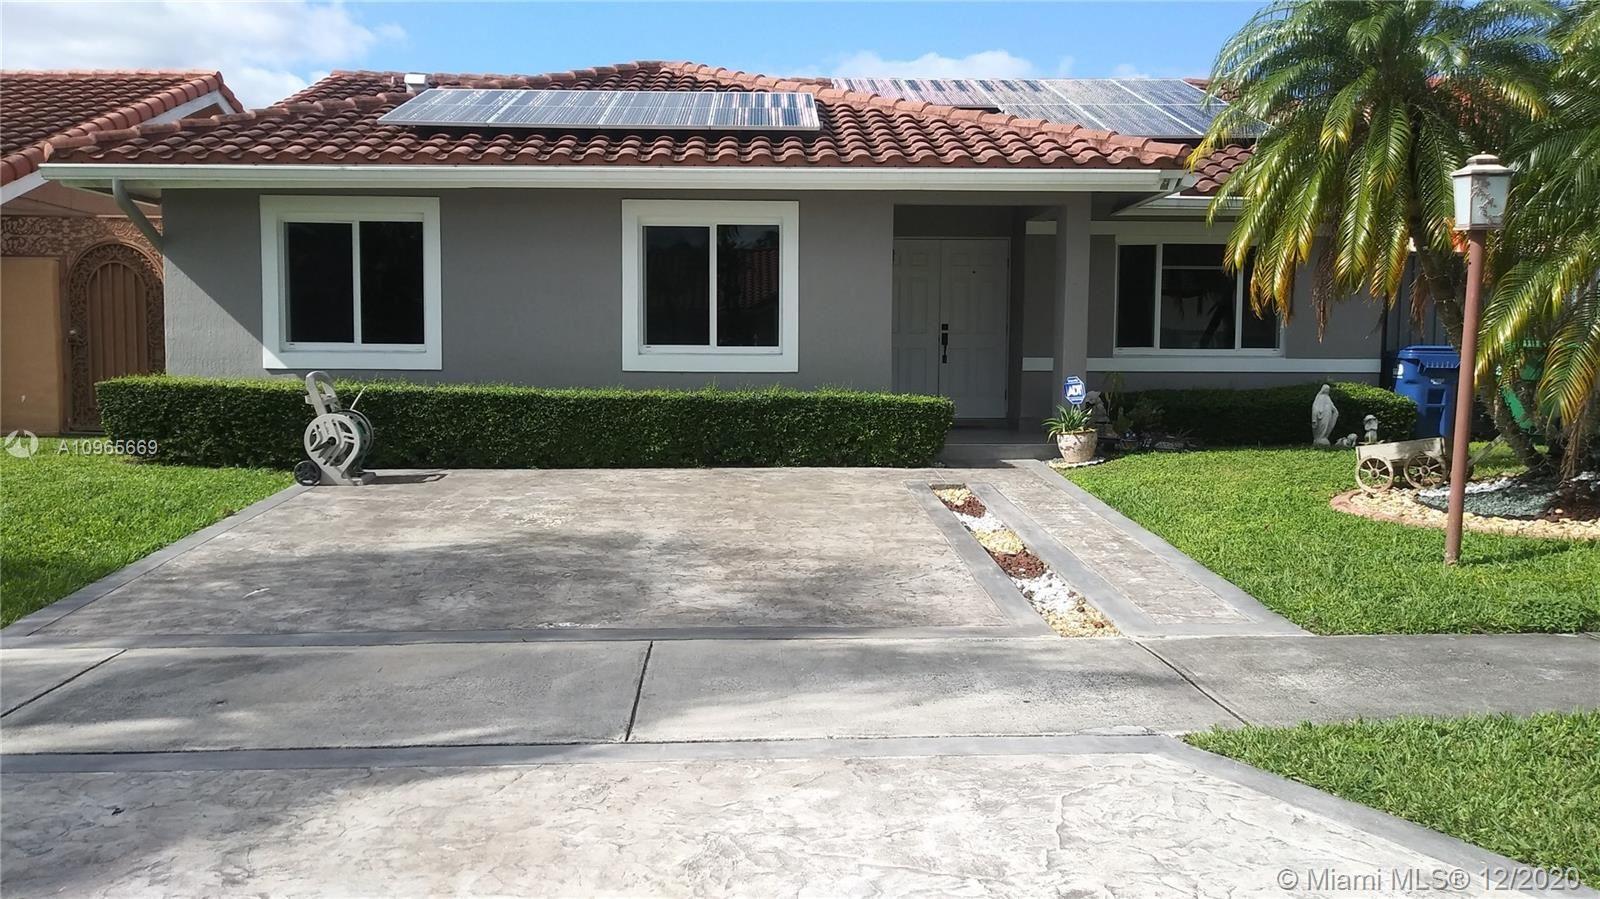 10078 SW 142nd Pl, Miami, FL 33186 - #: A10965669